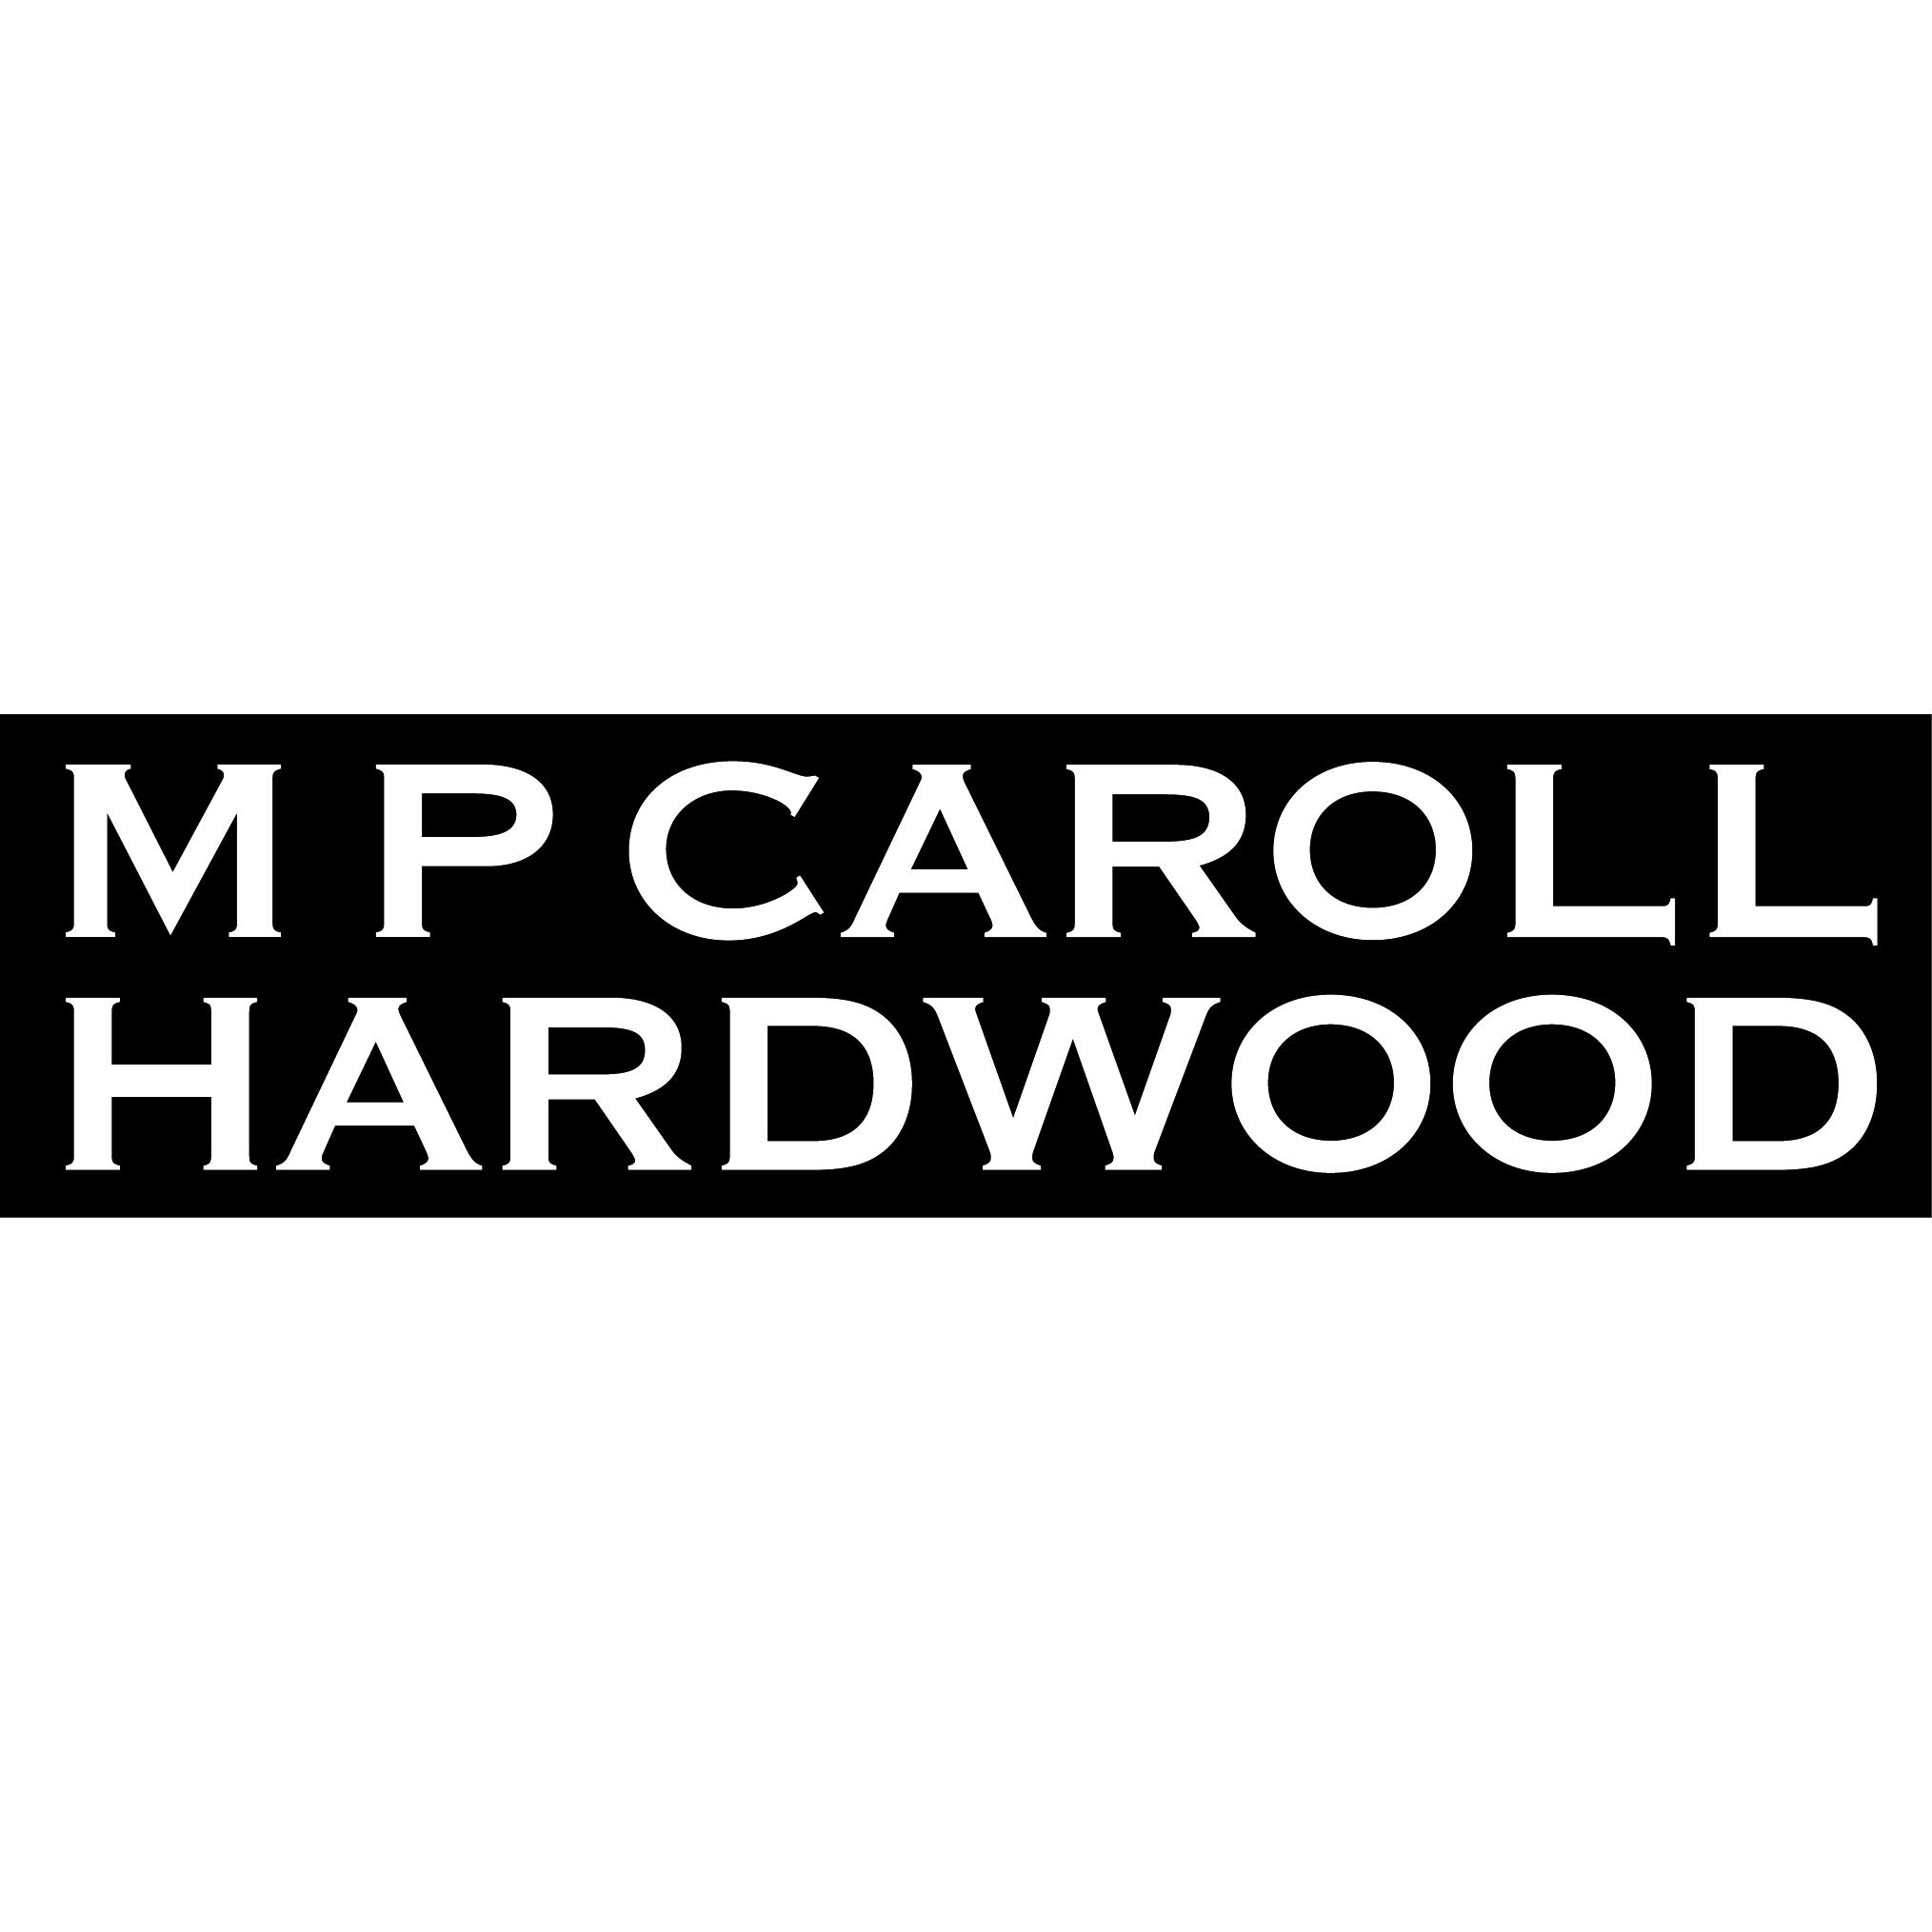 M P Caroll Hardwood